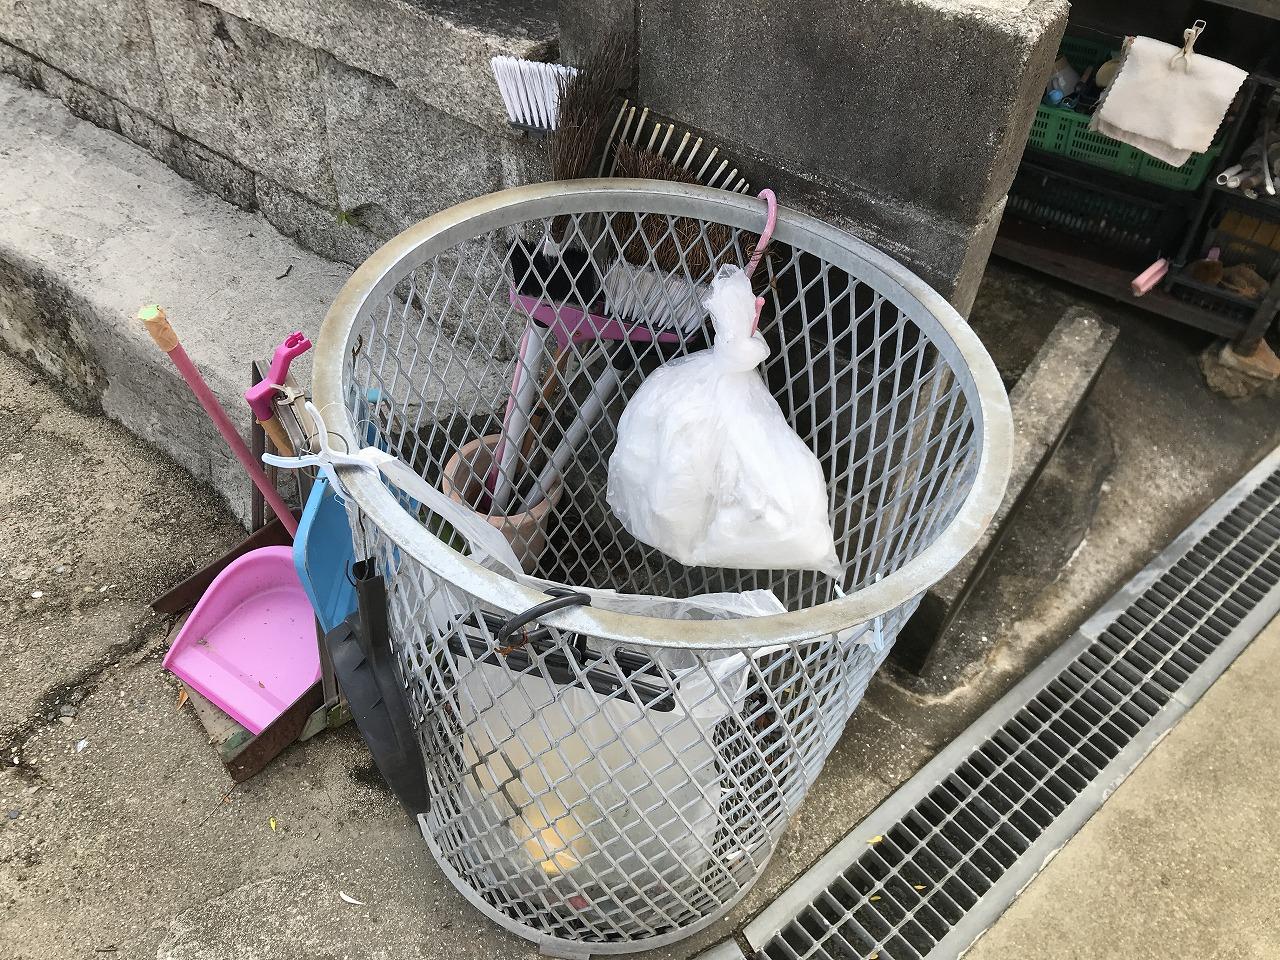 平野共同墓地(神戸市兵庫区)のゴミ箱